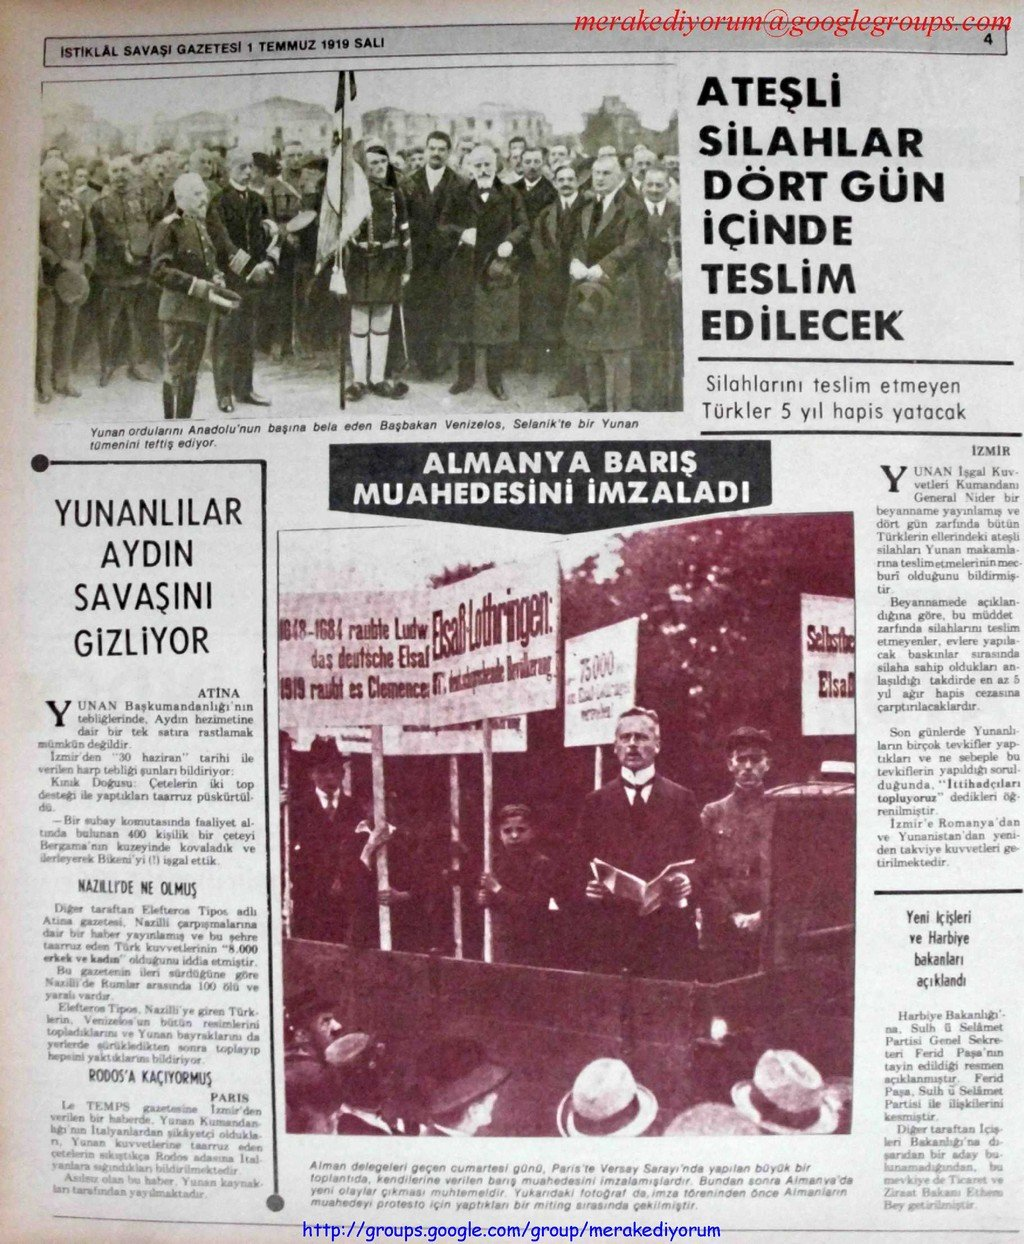 istiklal savaşı gazetesi - 1 temmuz 1919